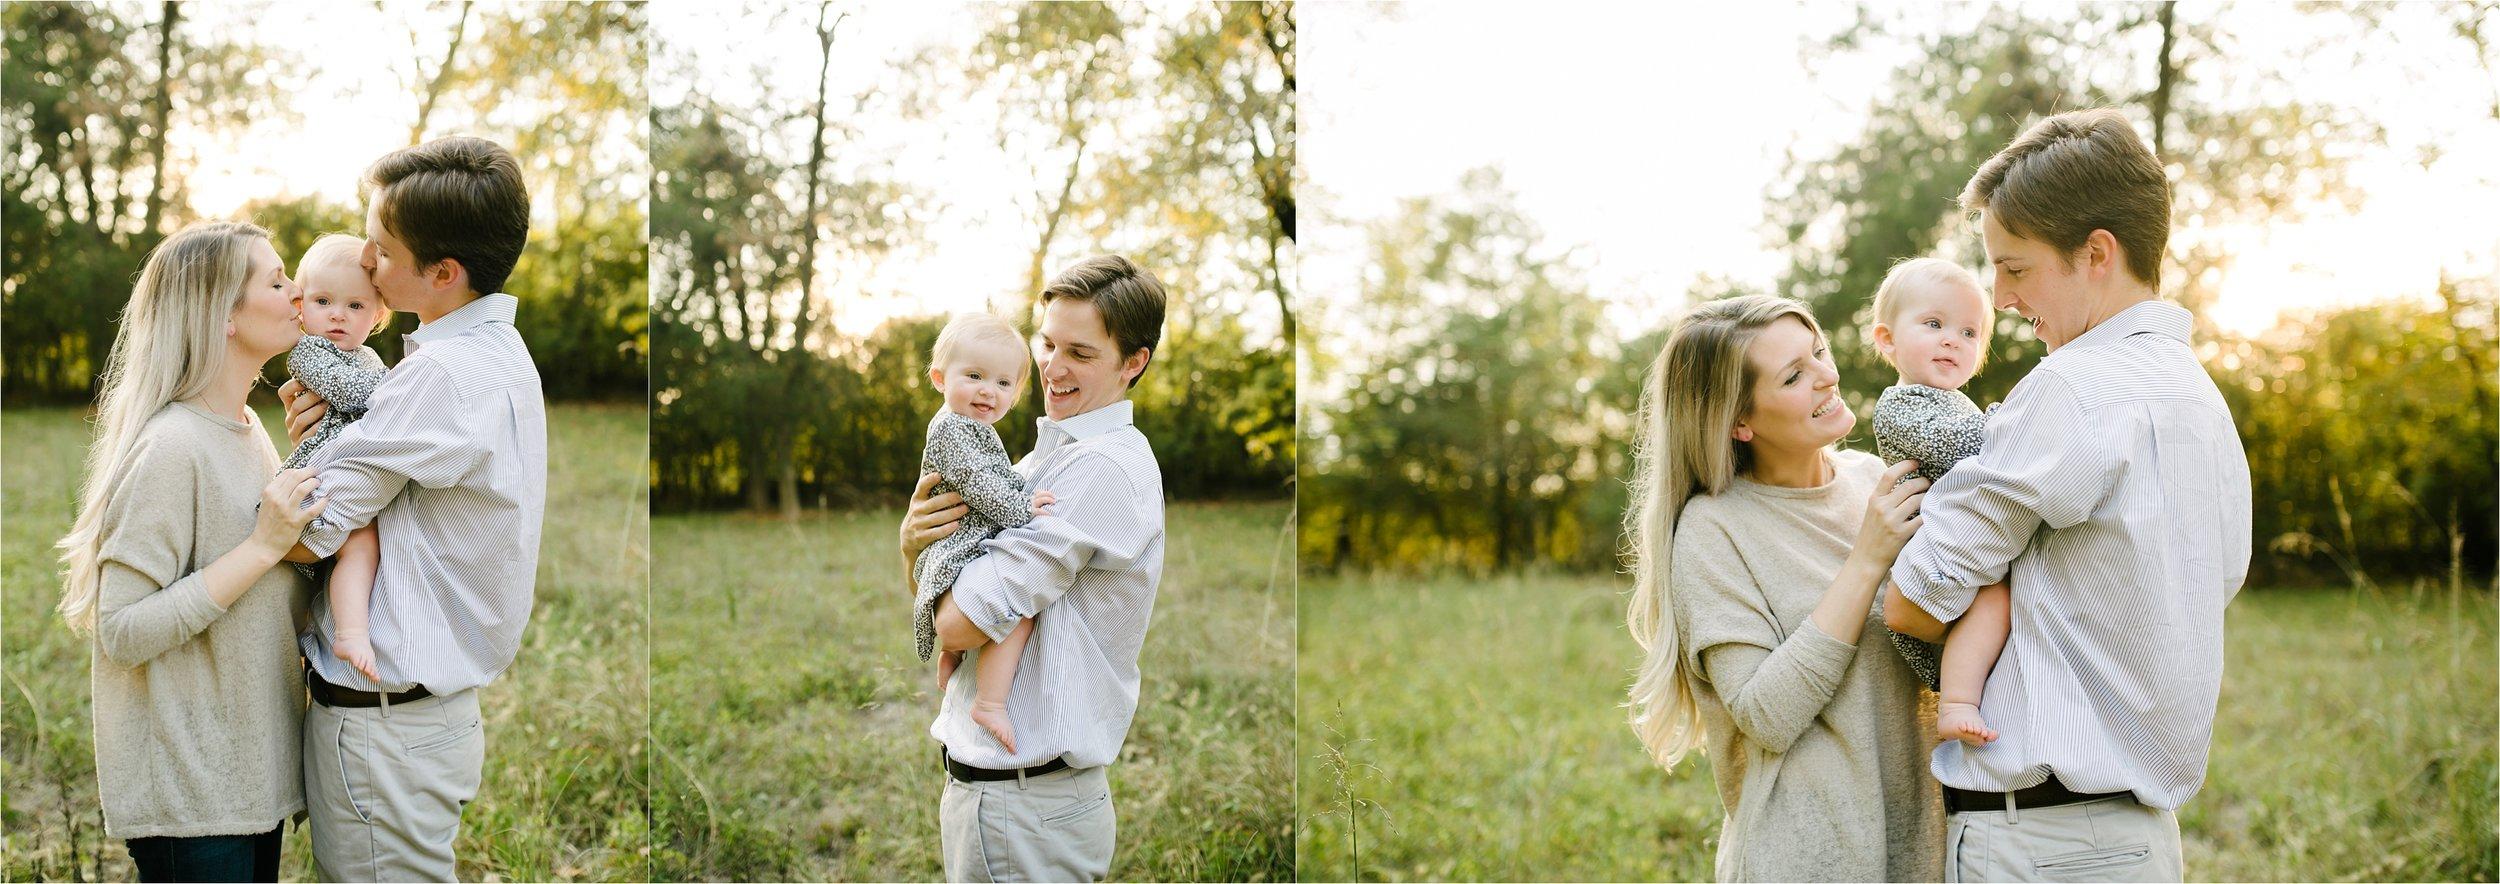 Rachel-Bond-Photography-Birmingham-AL-newborn-Photogarpher_0045.jpg